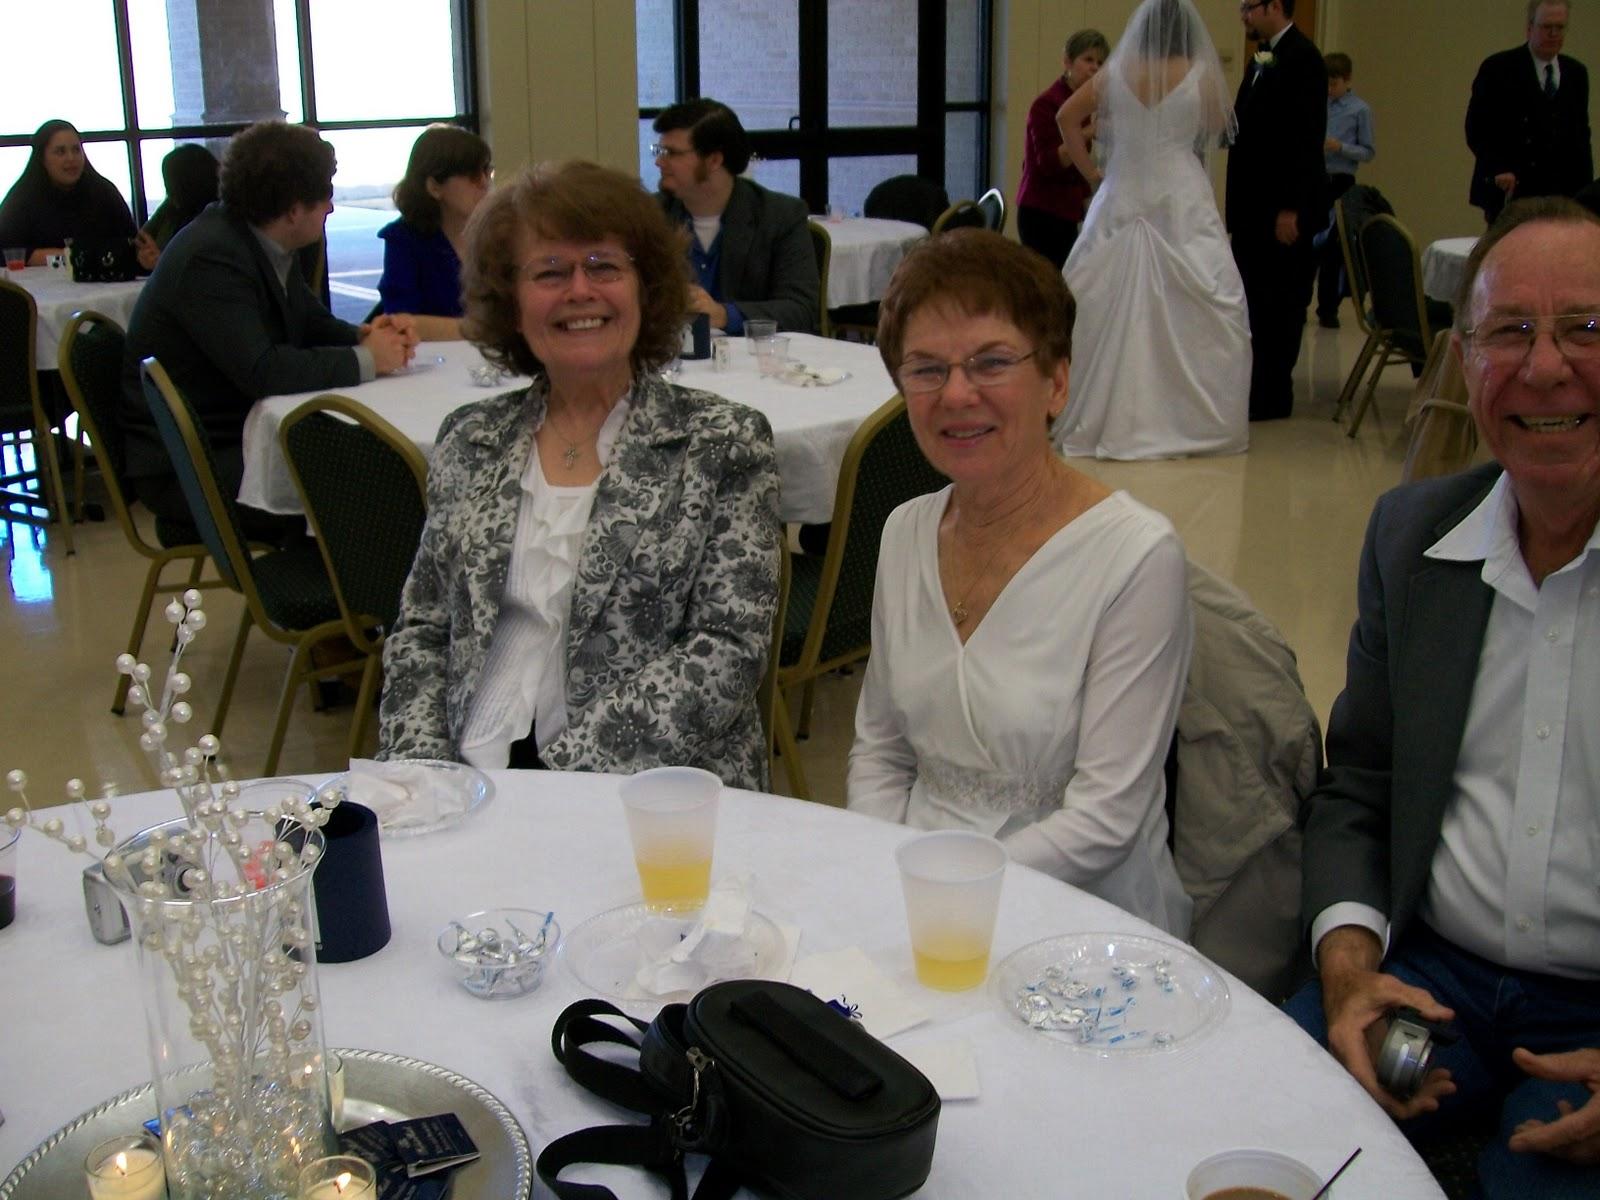 Our Wedding, photos by Joan Moeller - 100_0453.JPG